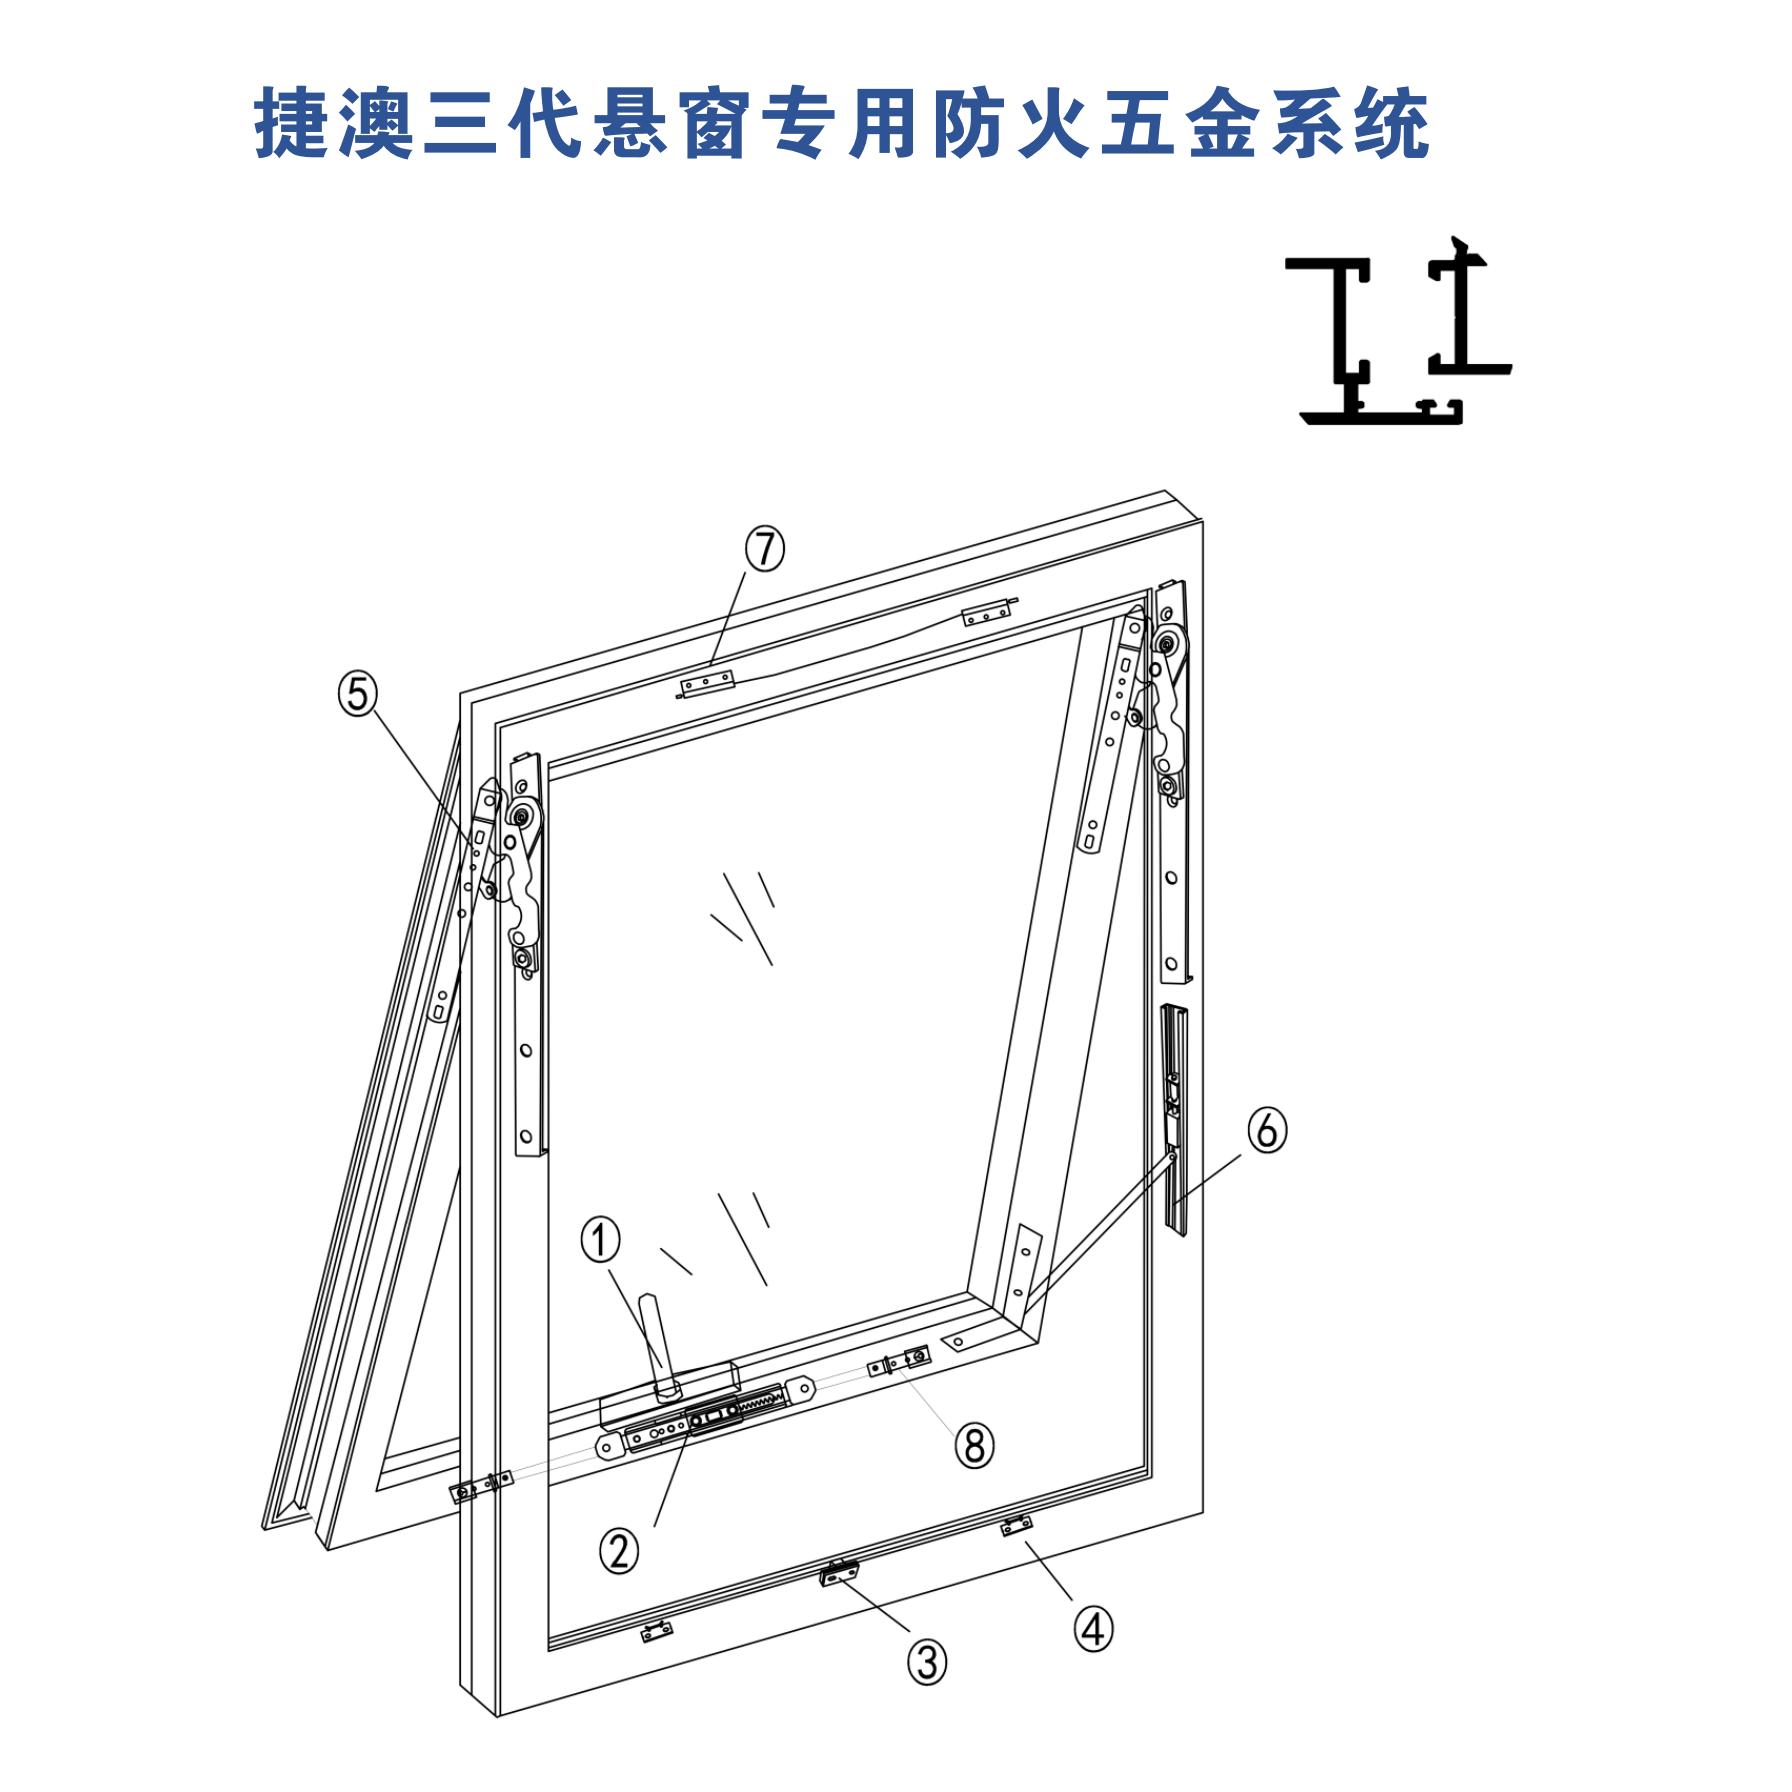 九游会app三代悬窗专用防火五金系统